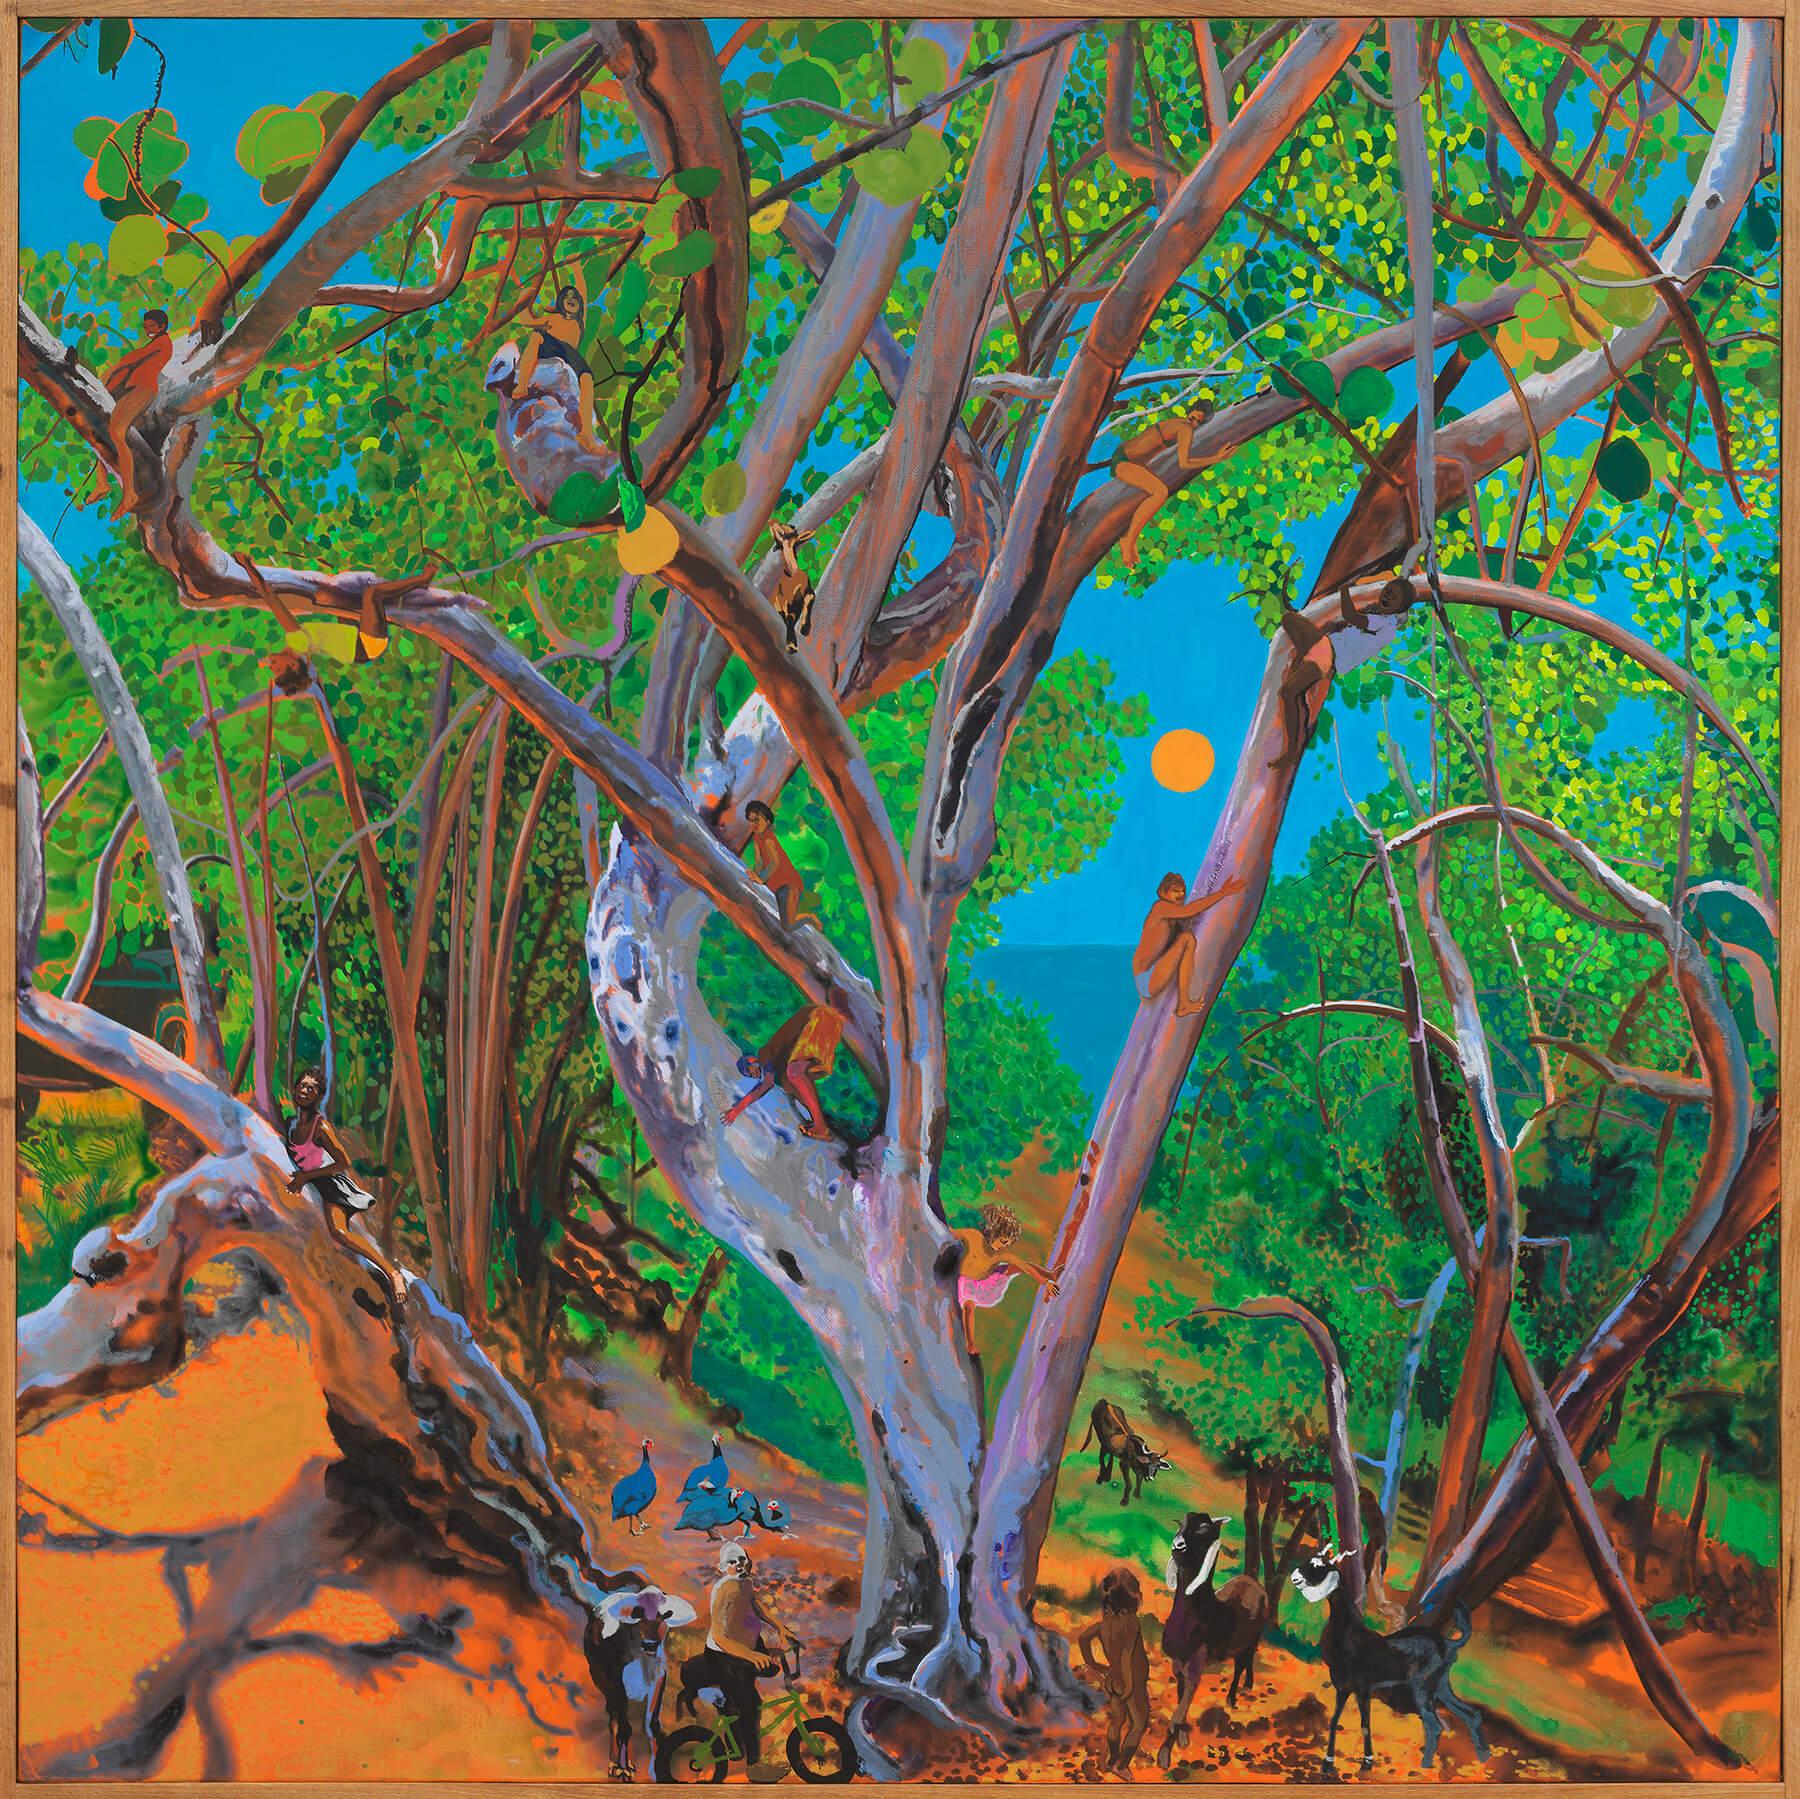 Hulda Guzmán Uva de Playa 2, 2020 acrylic gouache on linen 35 x 35 in. (88.9 x 88.9 cm.)